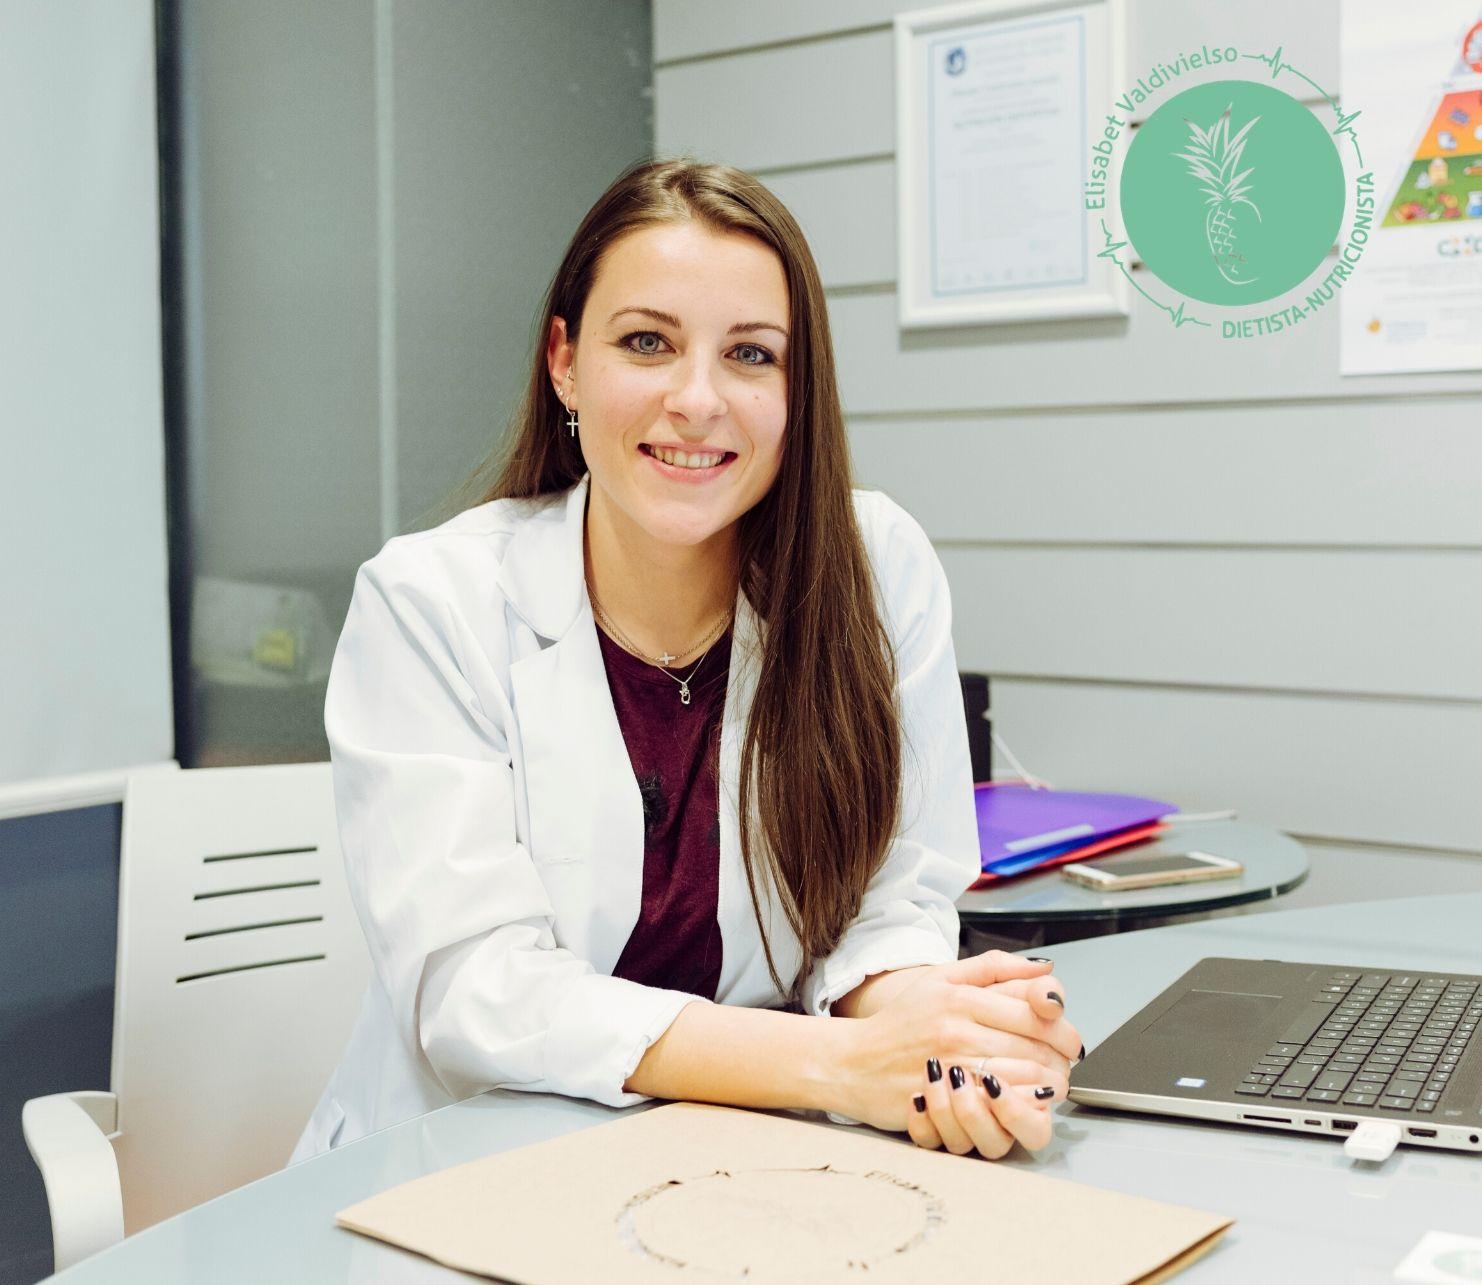 Nutricionista en Burgos Elisabet Valdivielso